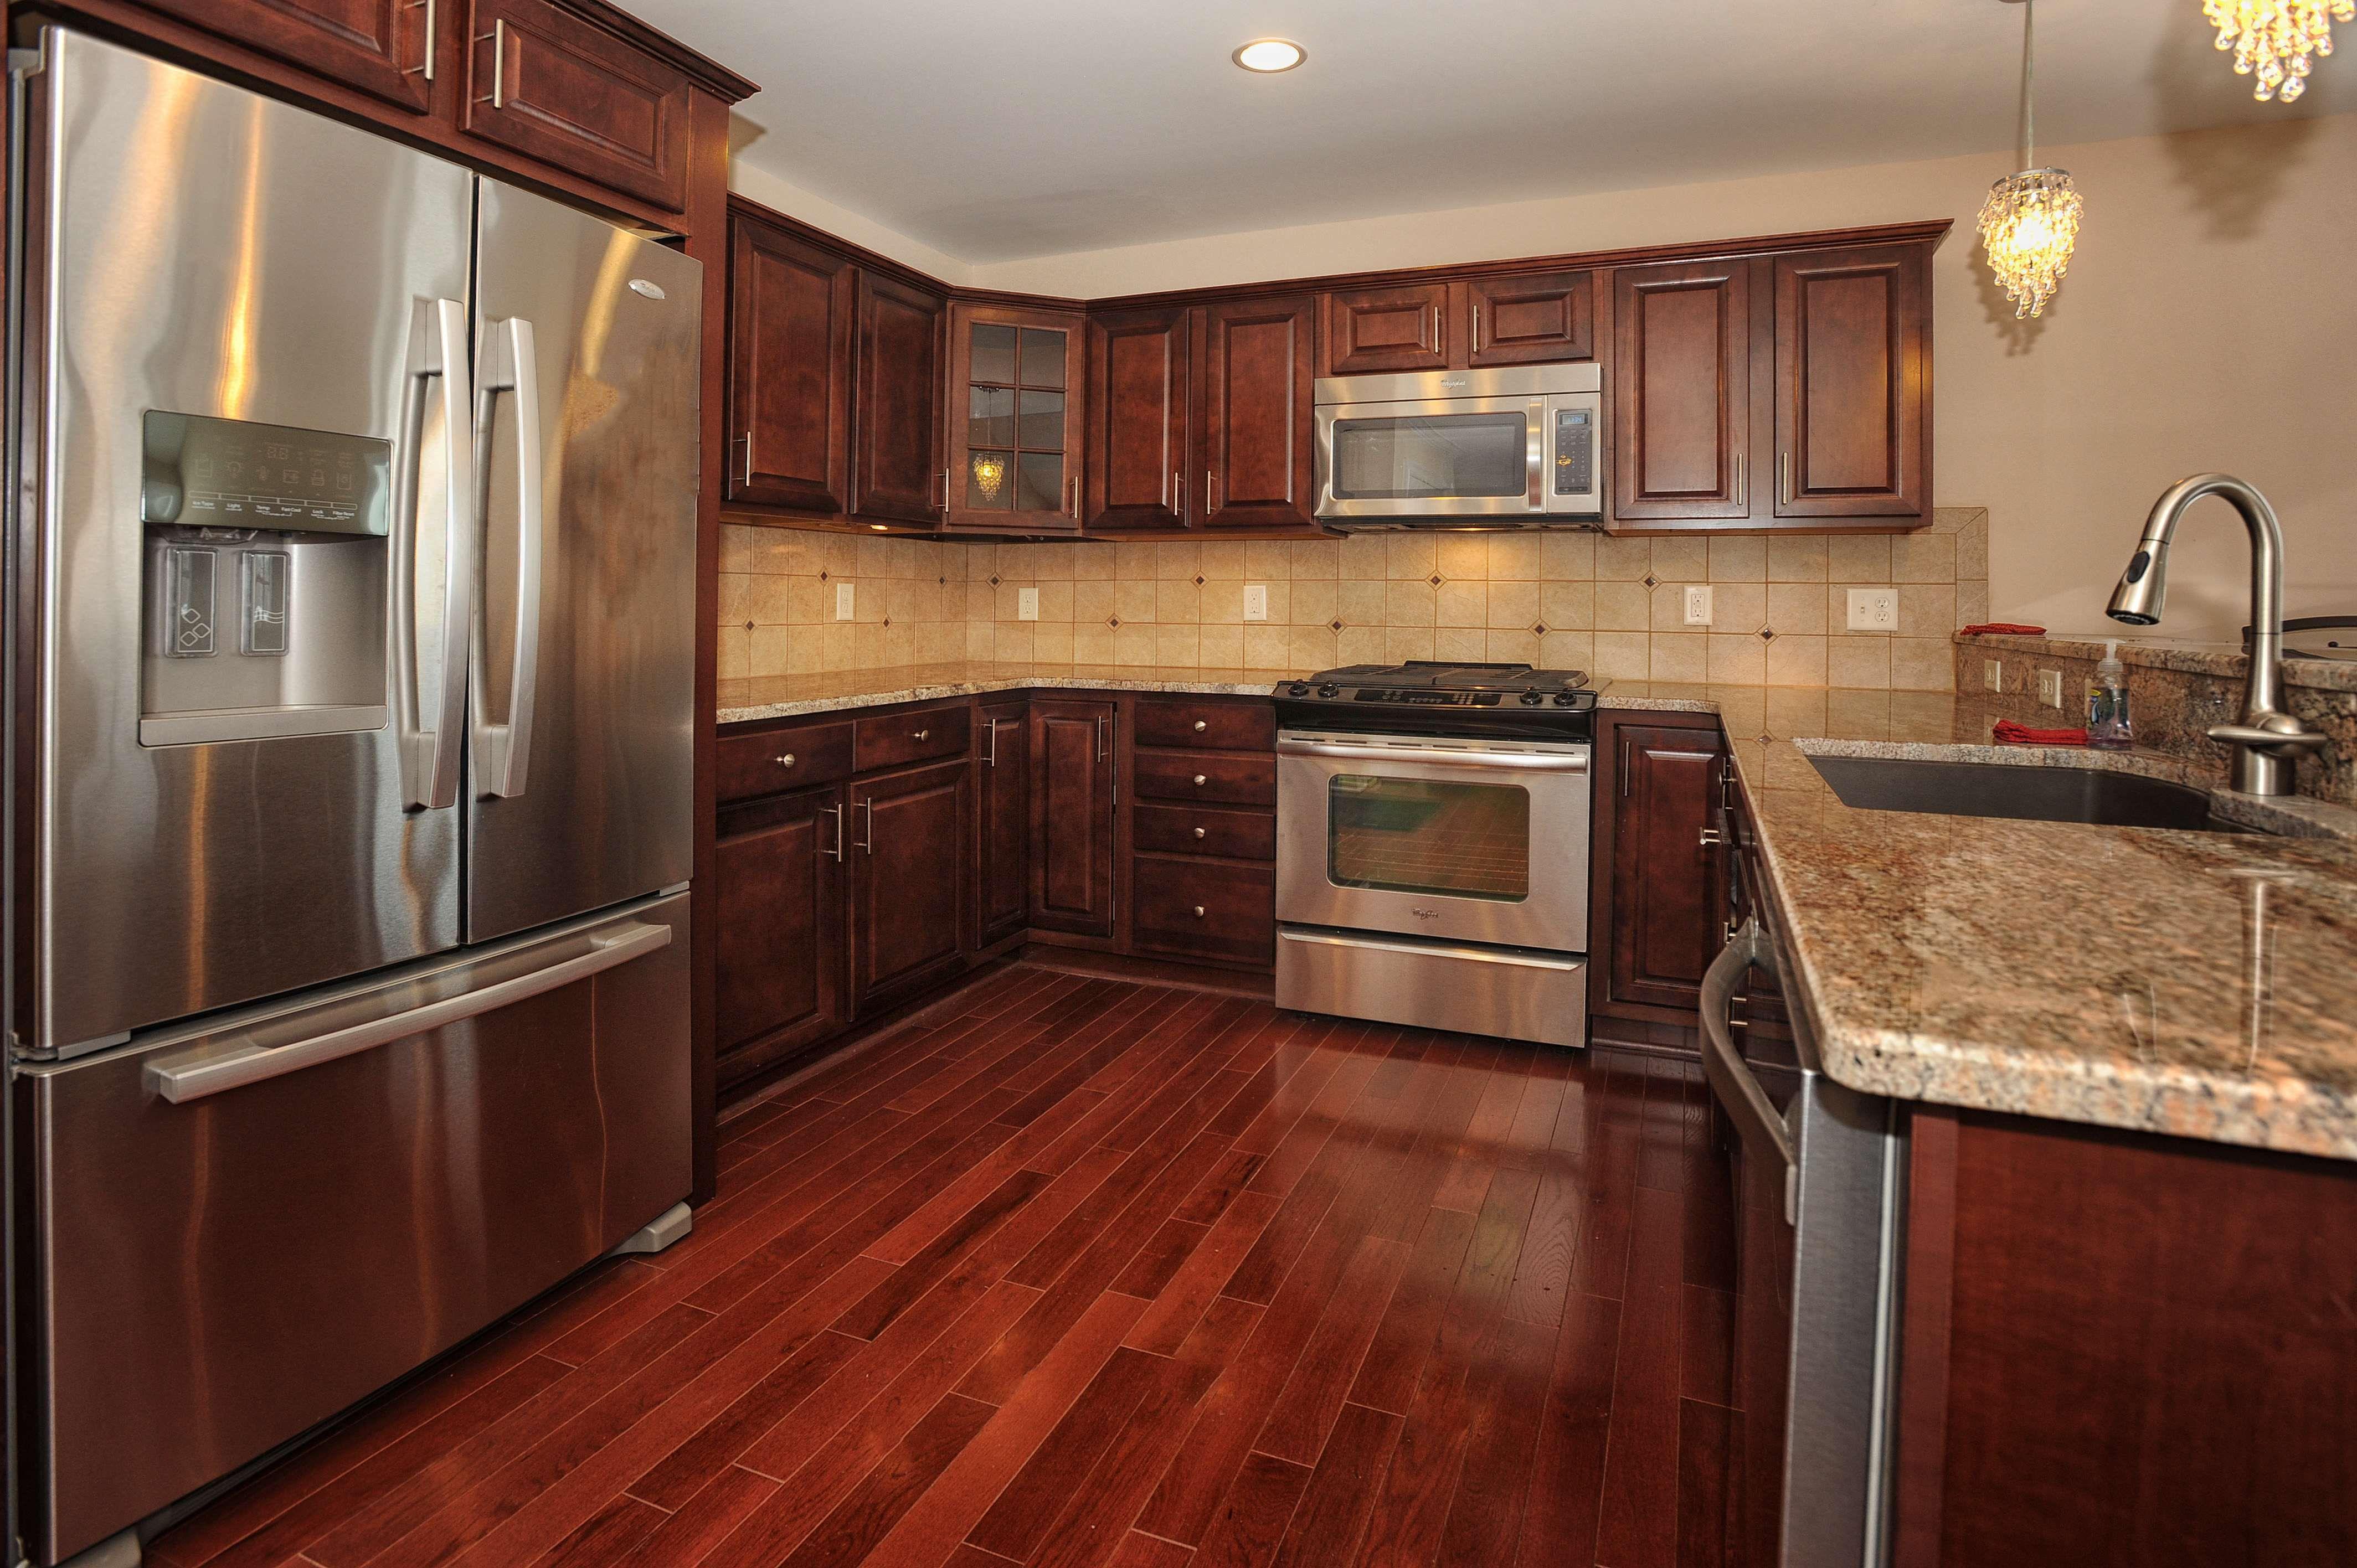 U Förmige Küche Design Ideen  Halten Sie Ihre Küche ordentlich und